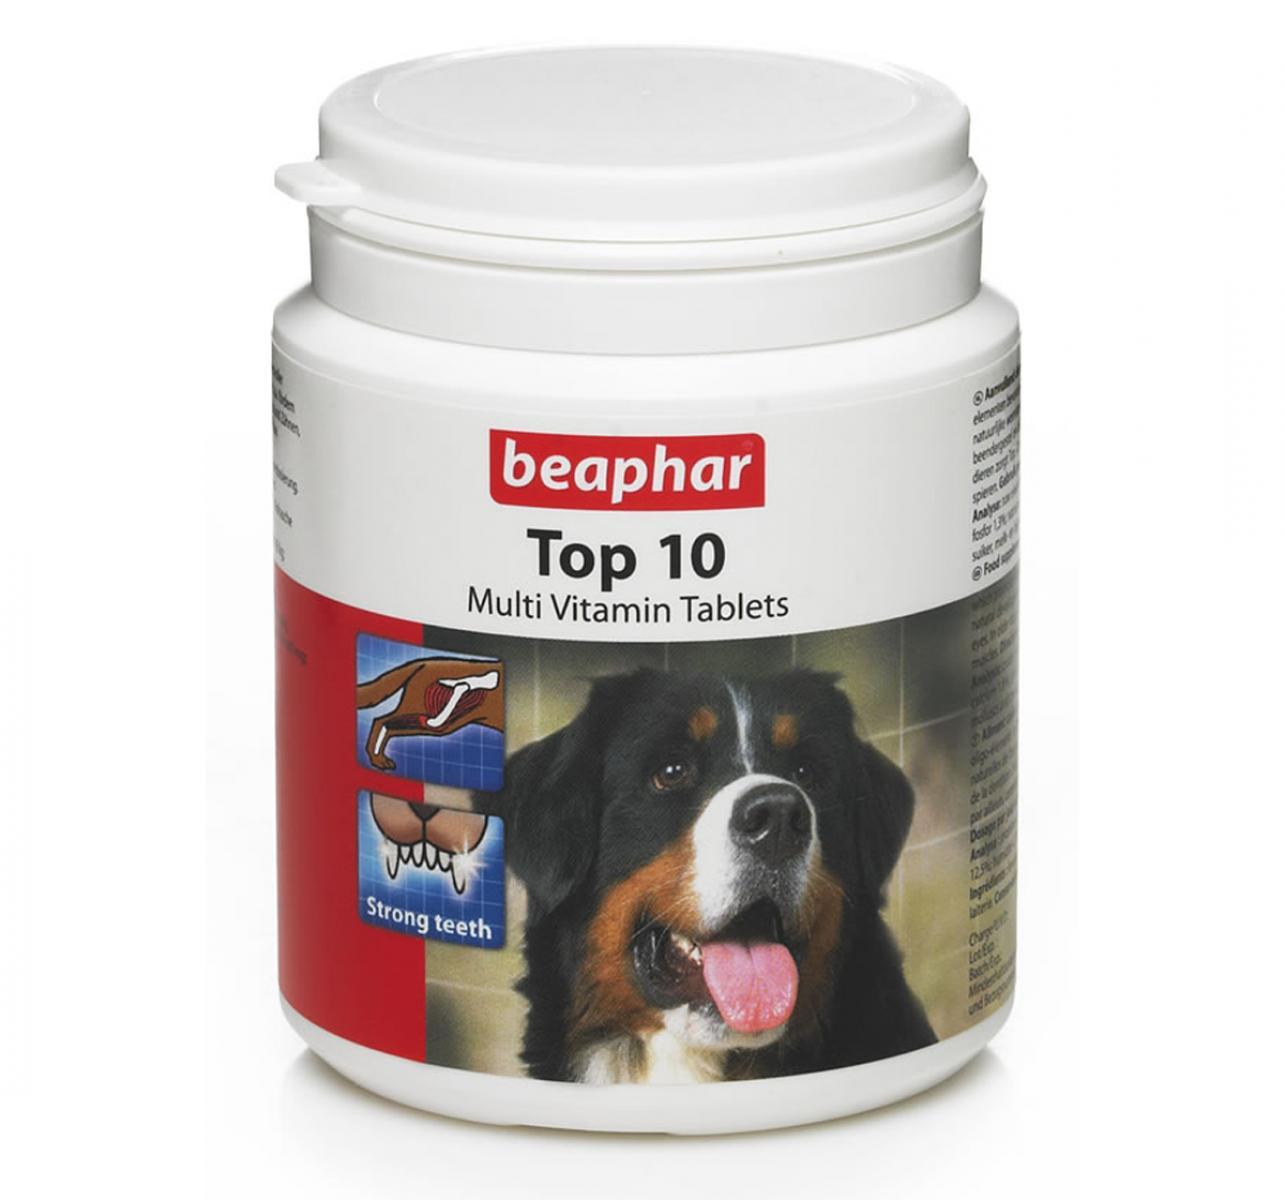 Top 10 Multivit Dog Vitamins Large Beaphar